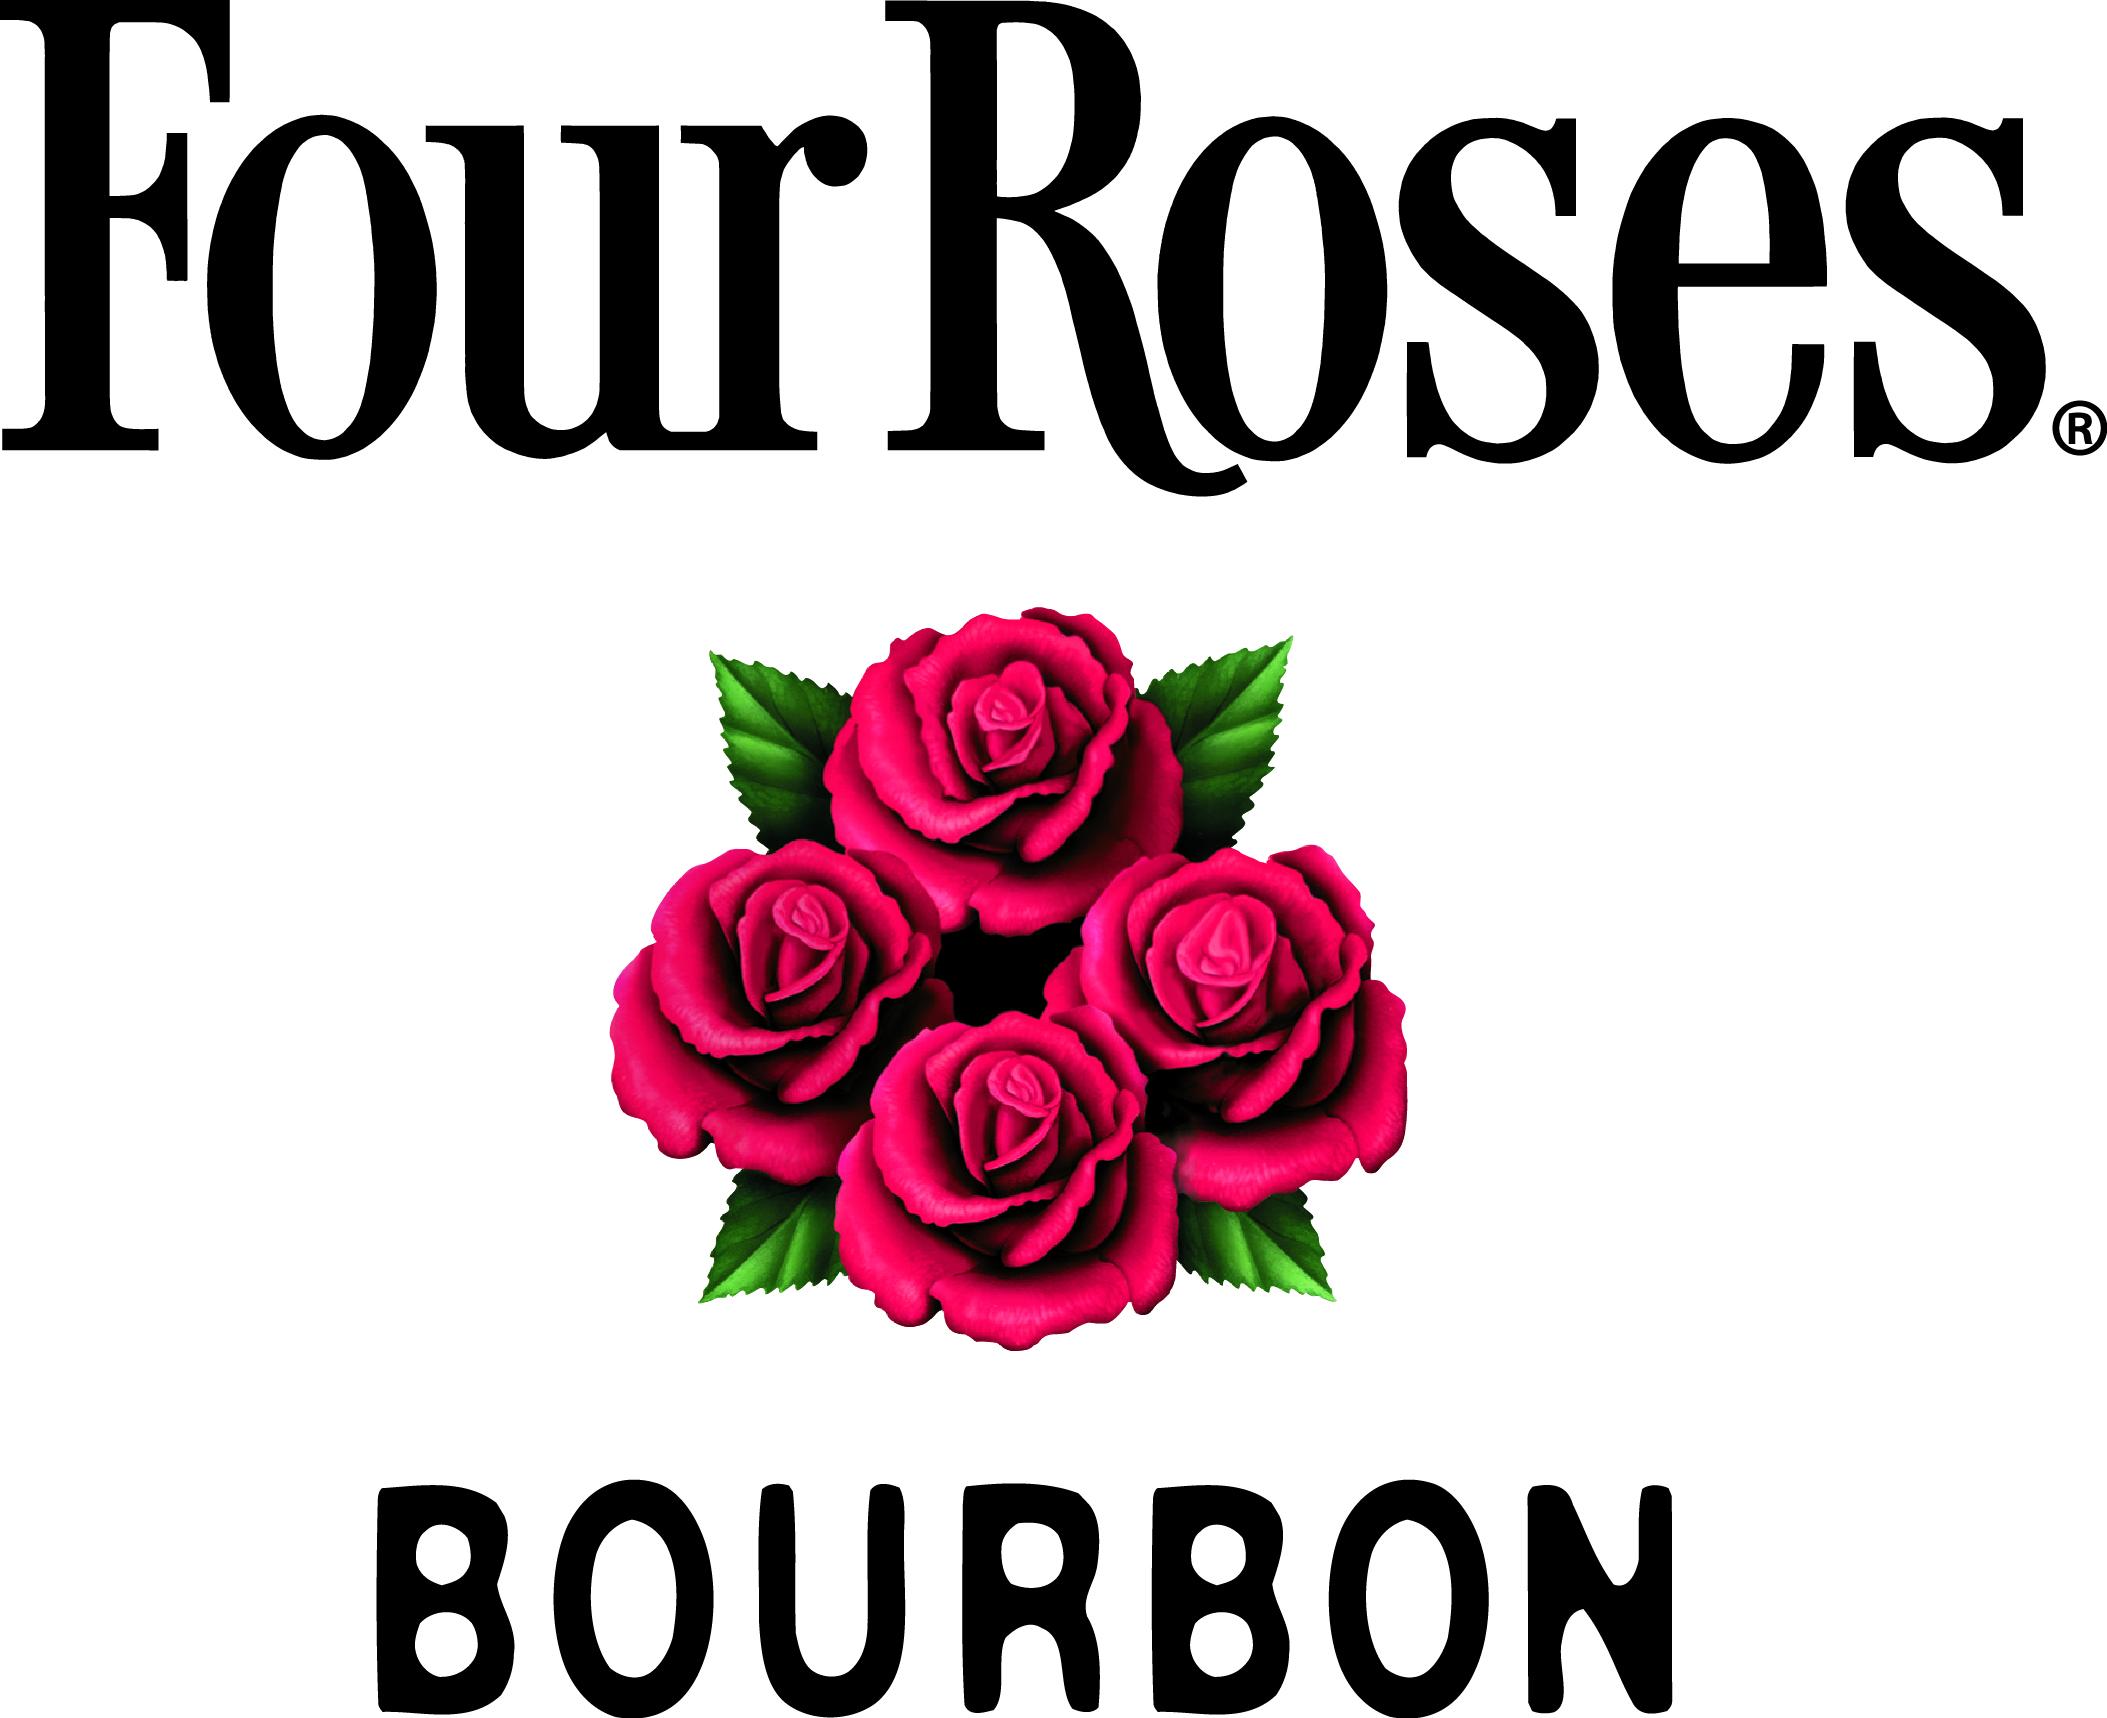 1 FourRoses Logo 1 - Stephen Schuler.jpg